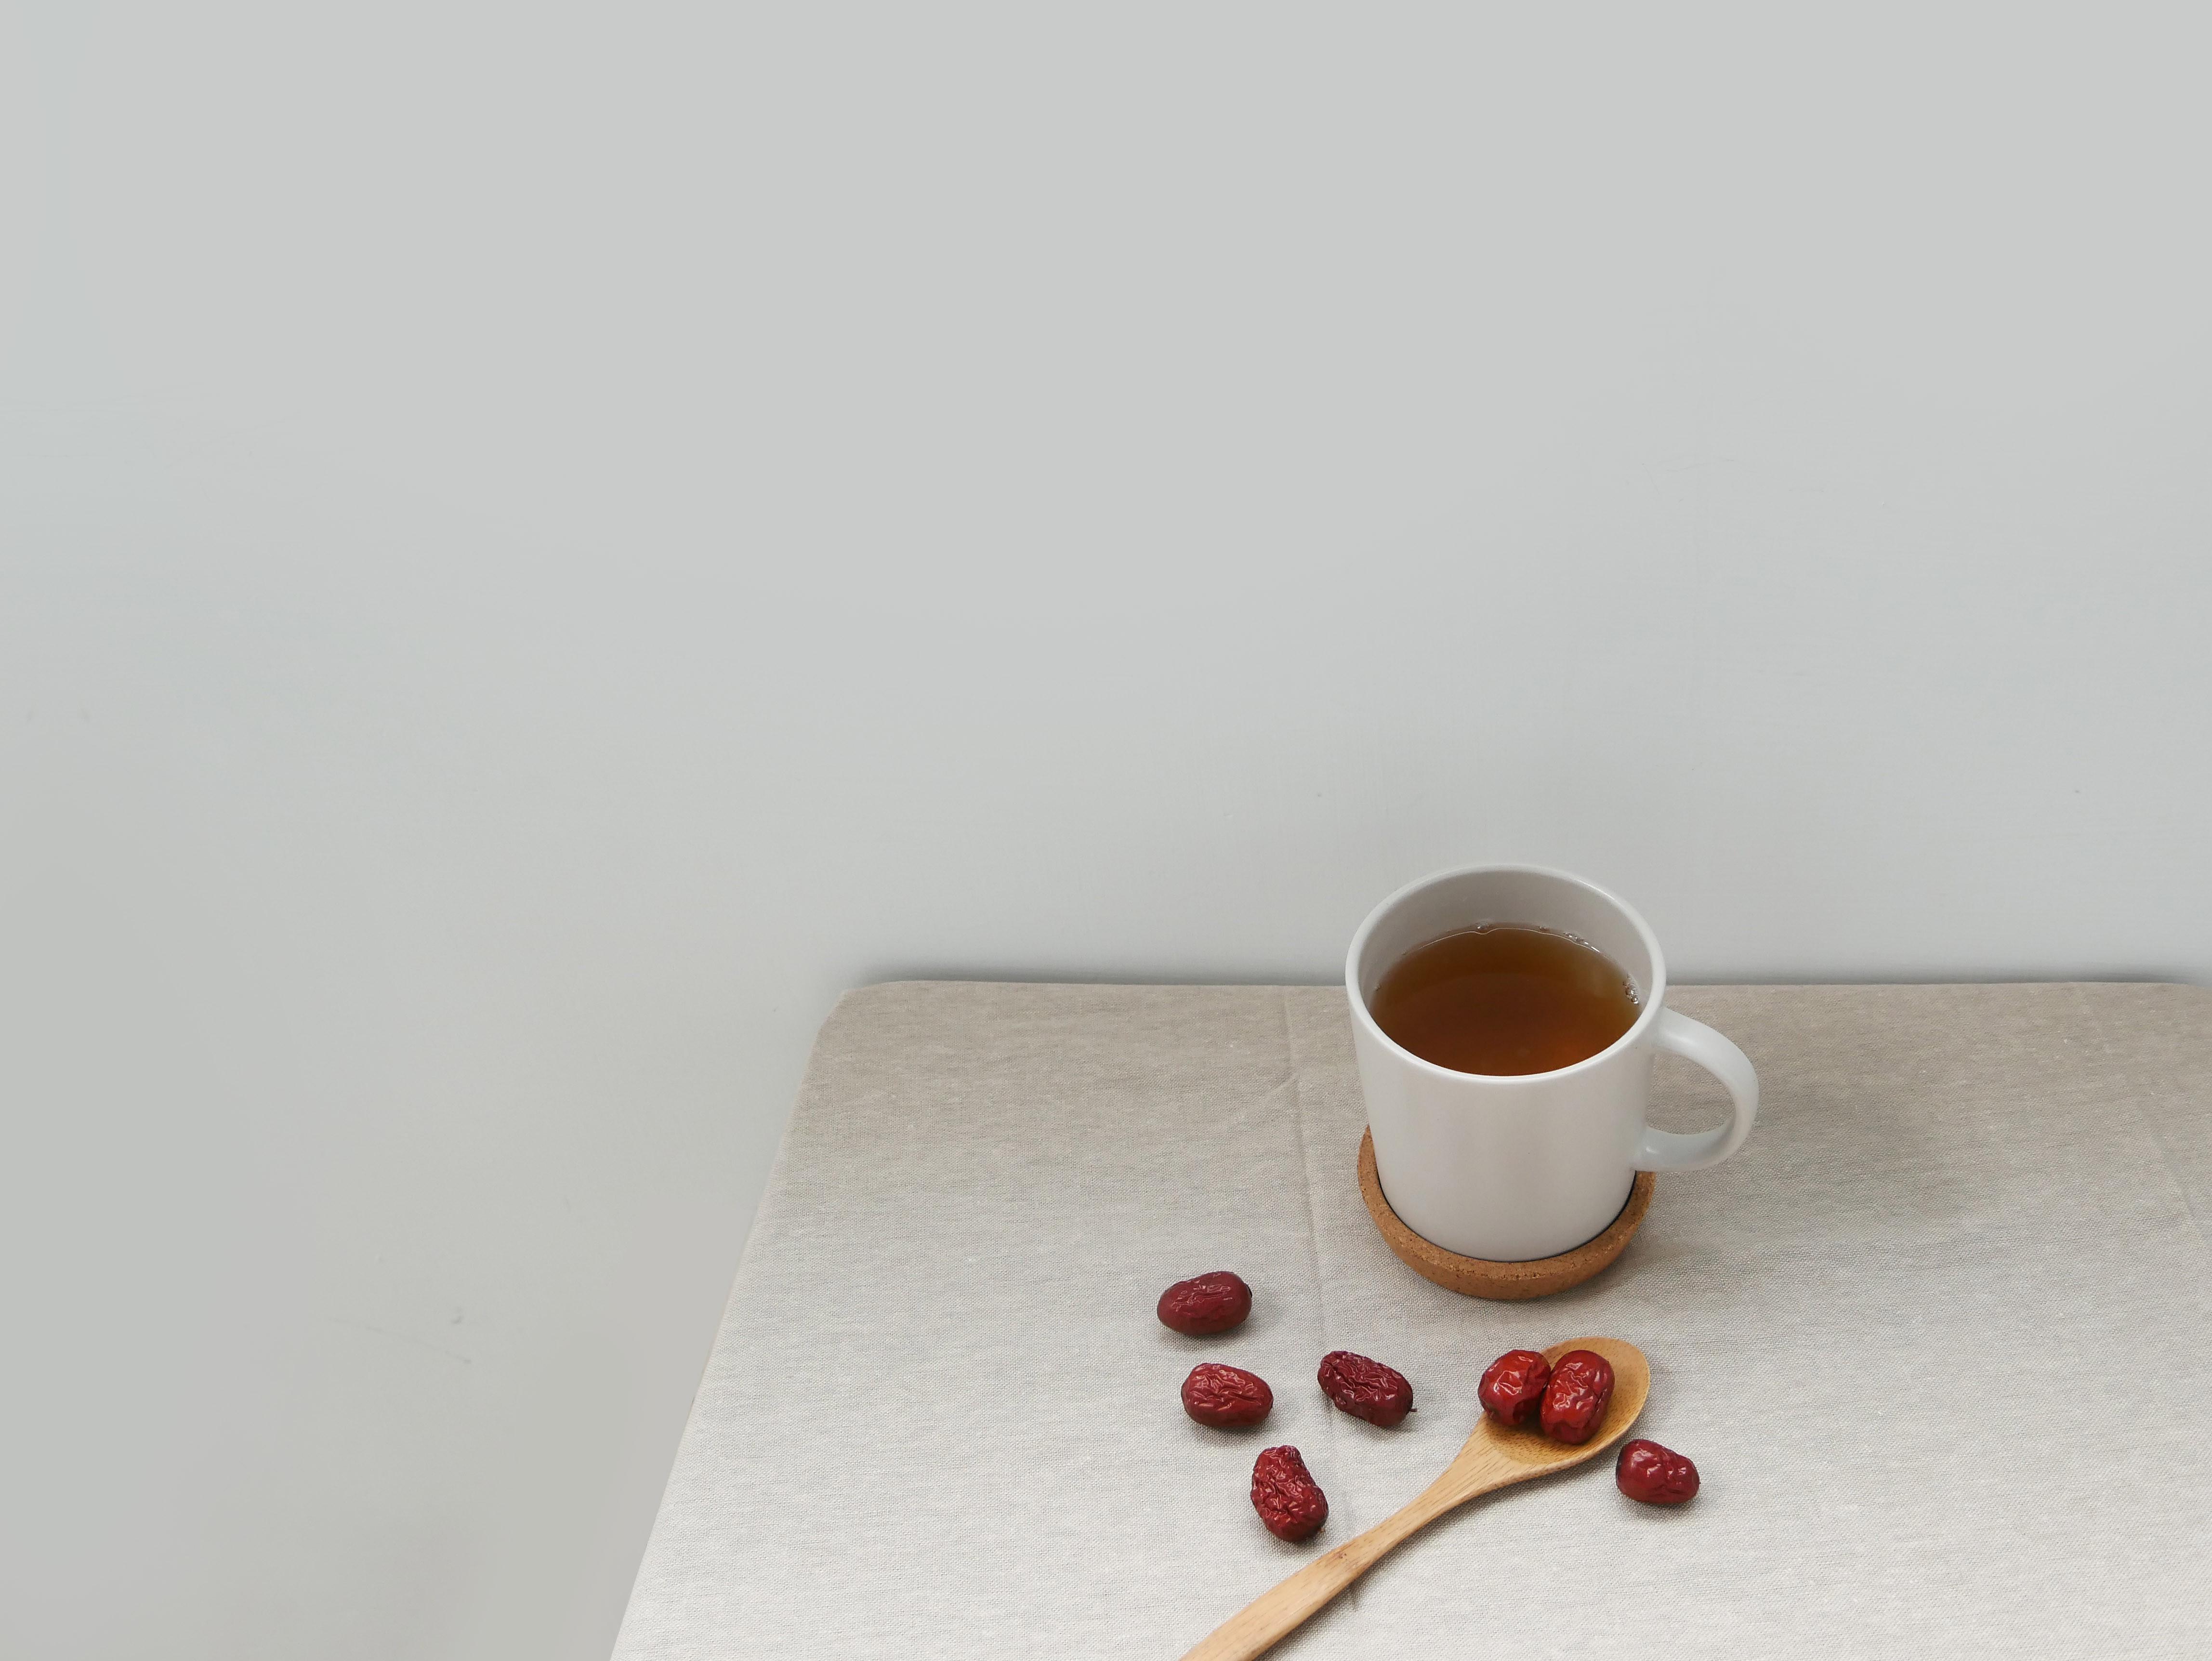 養肝茶 護肝、排毒的養身飲品